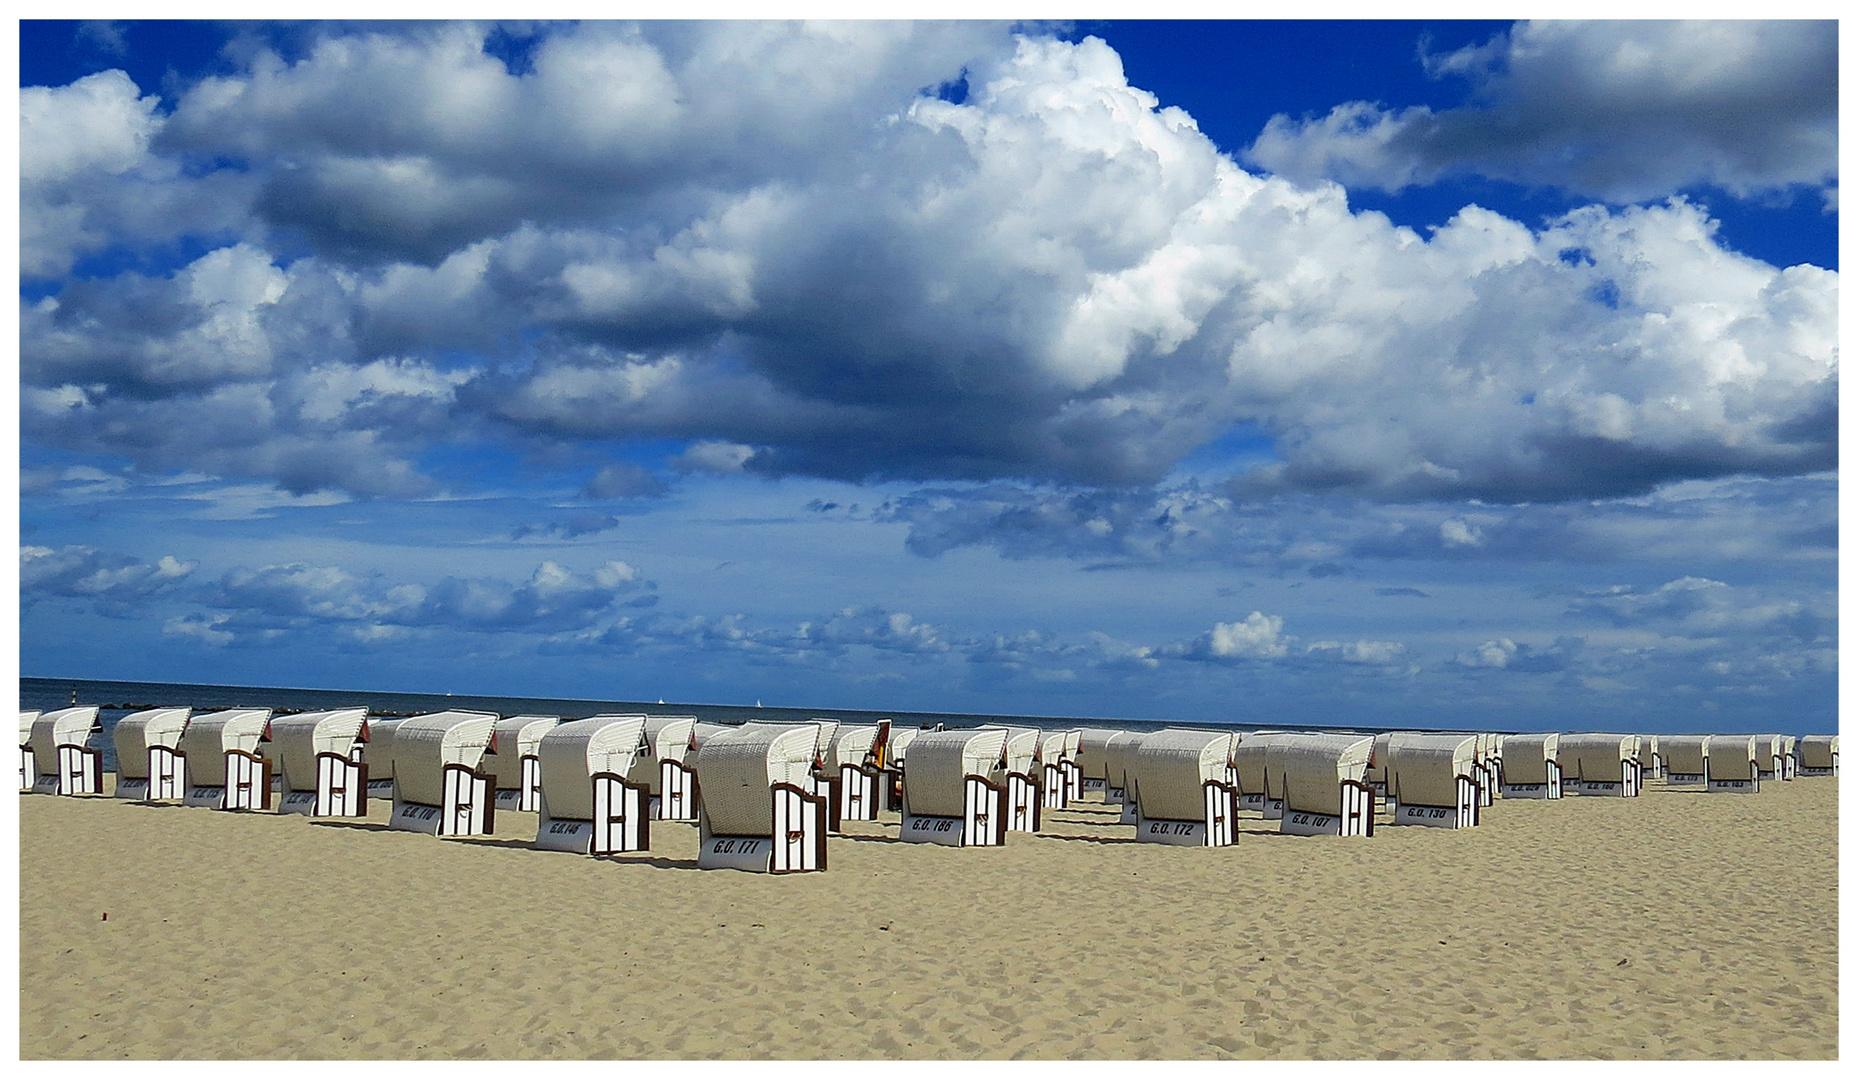 Strand und Körbe